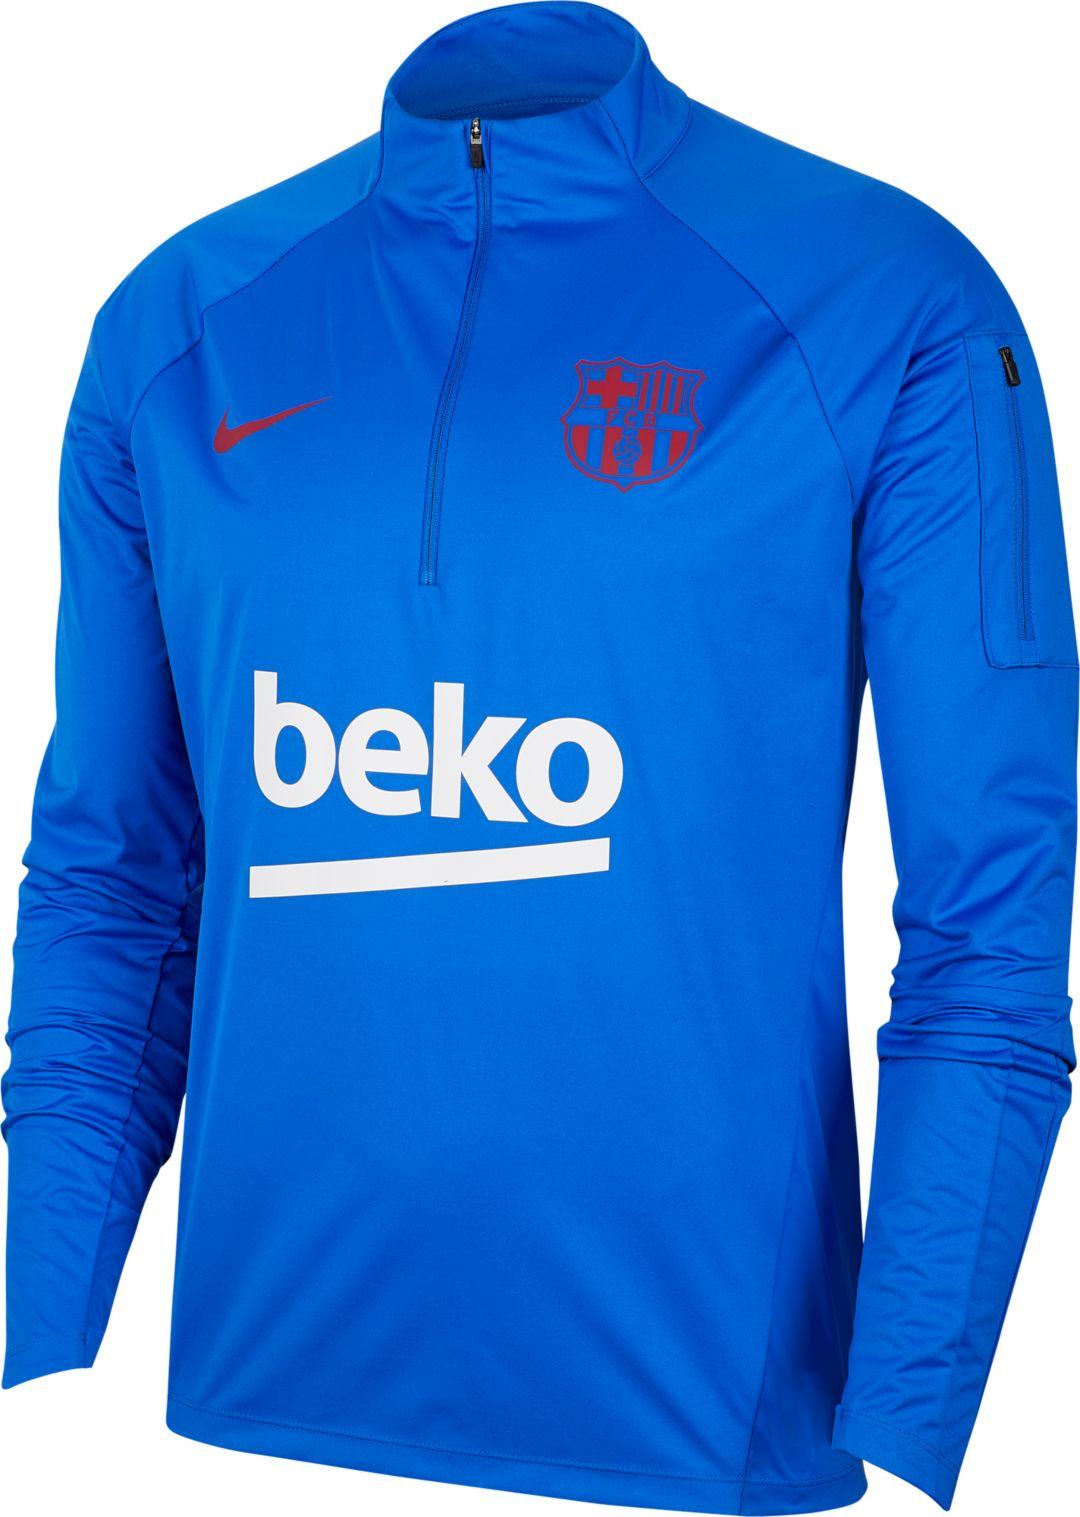 lowest price 9bbe9 ab8af Nike Men's FC Barcelona Blue Training Quarter-Zip